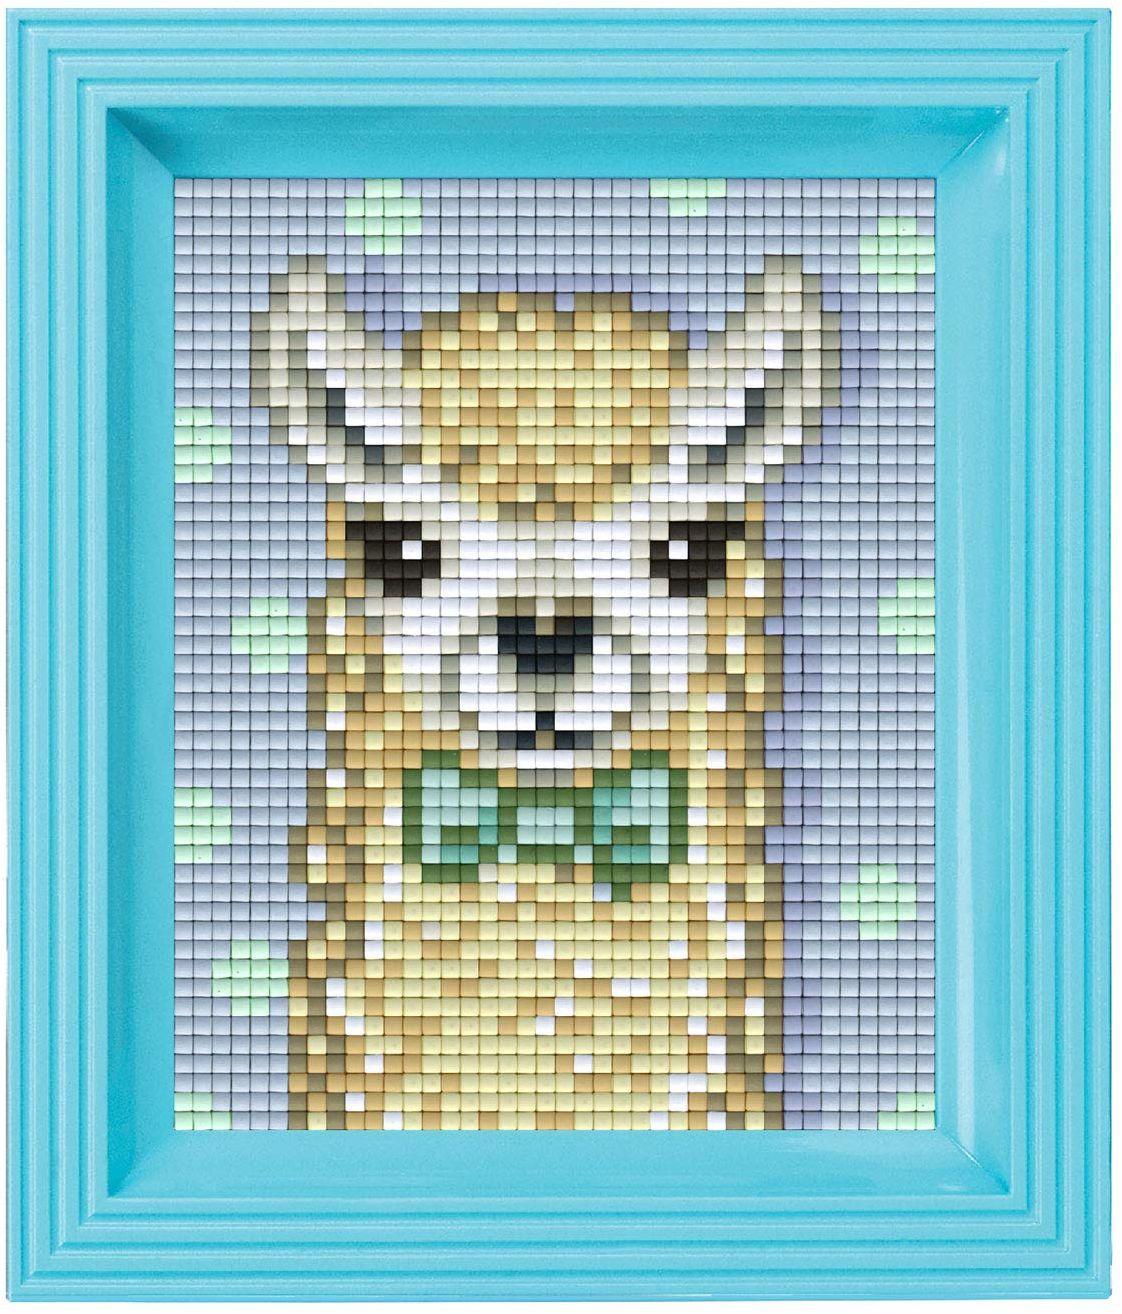 Pixel P31441 mozaikowe opakowanie na prezent alpaka, obraz pikselowy z ramką do dekoracji dla dzieci i dorosłych